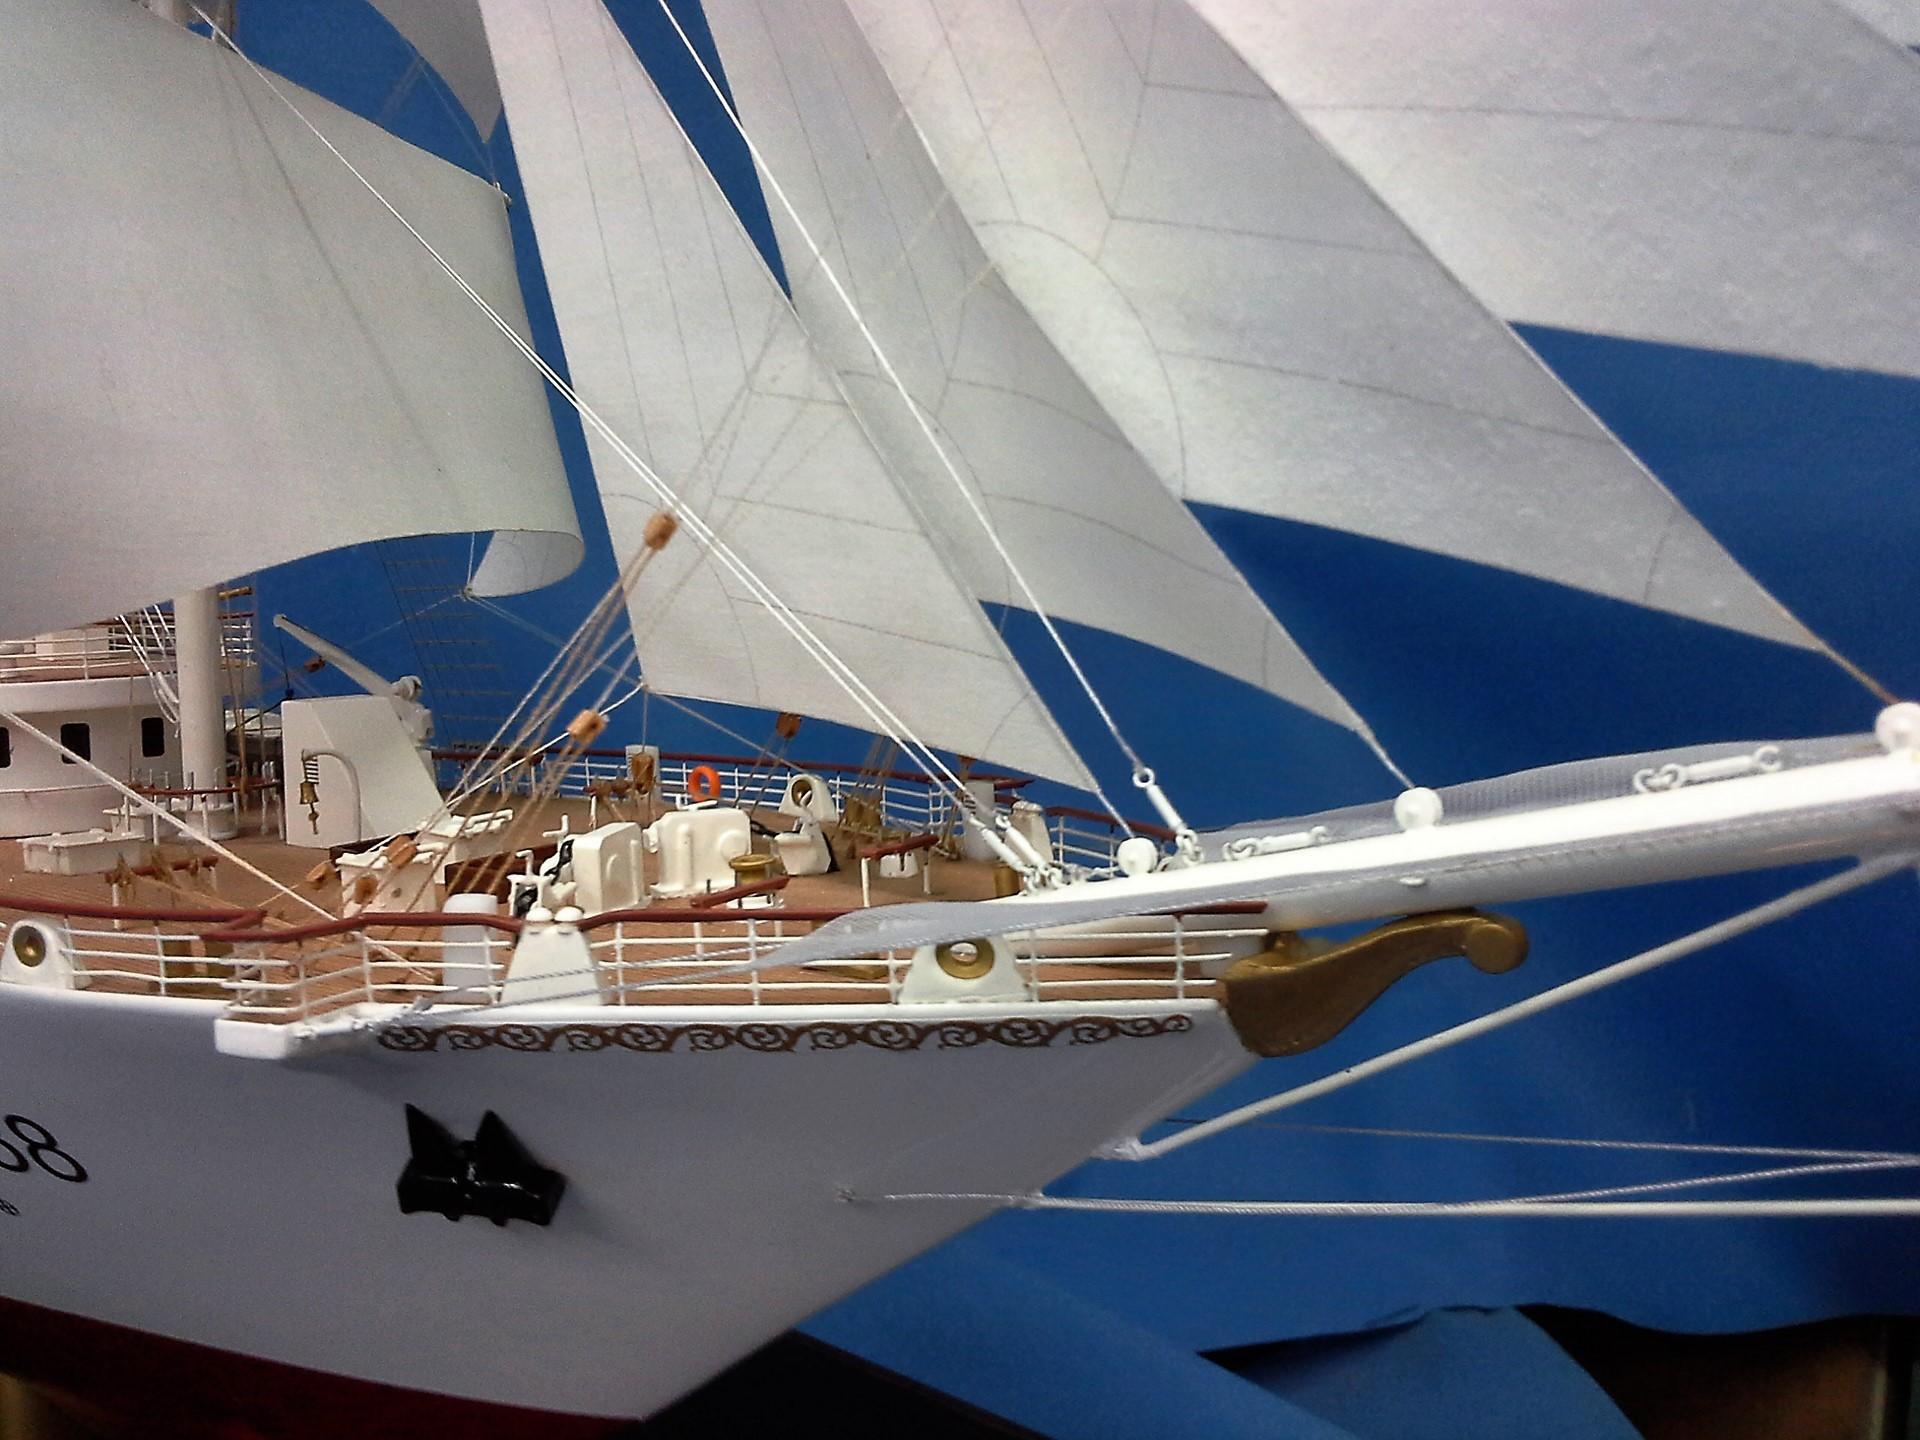 صور السفينة الشراعية الجزائرية  [ الملاح 938 ] - صفحة 11 42307935694_c804de6cfb_o